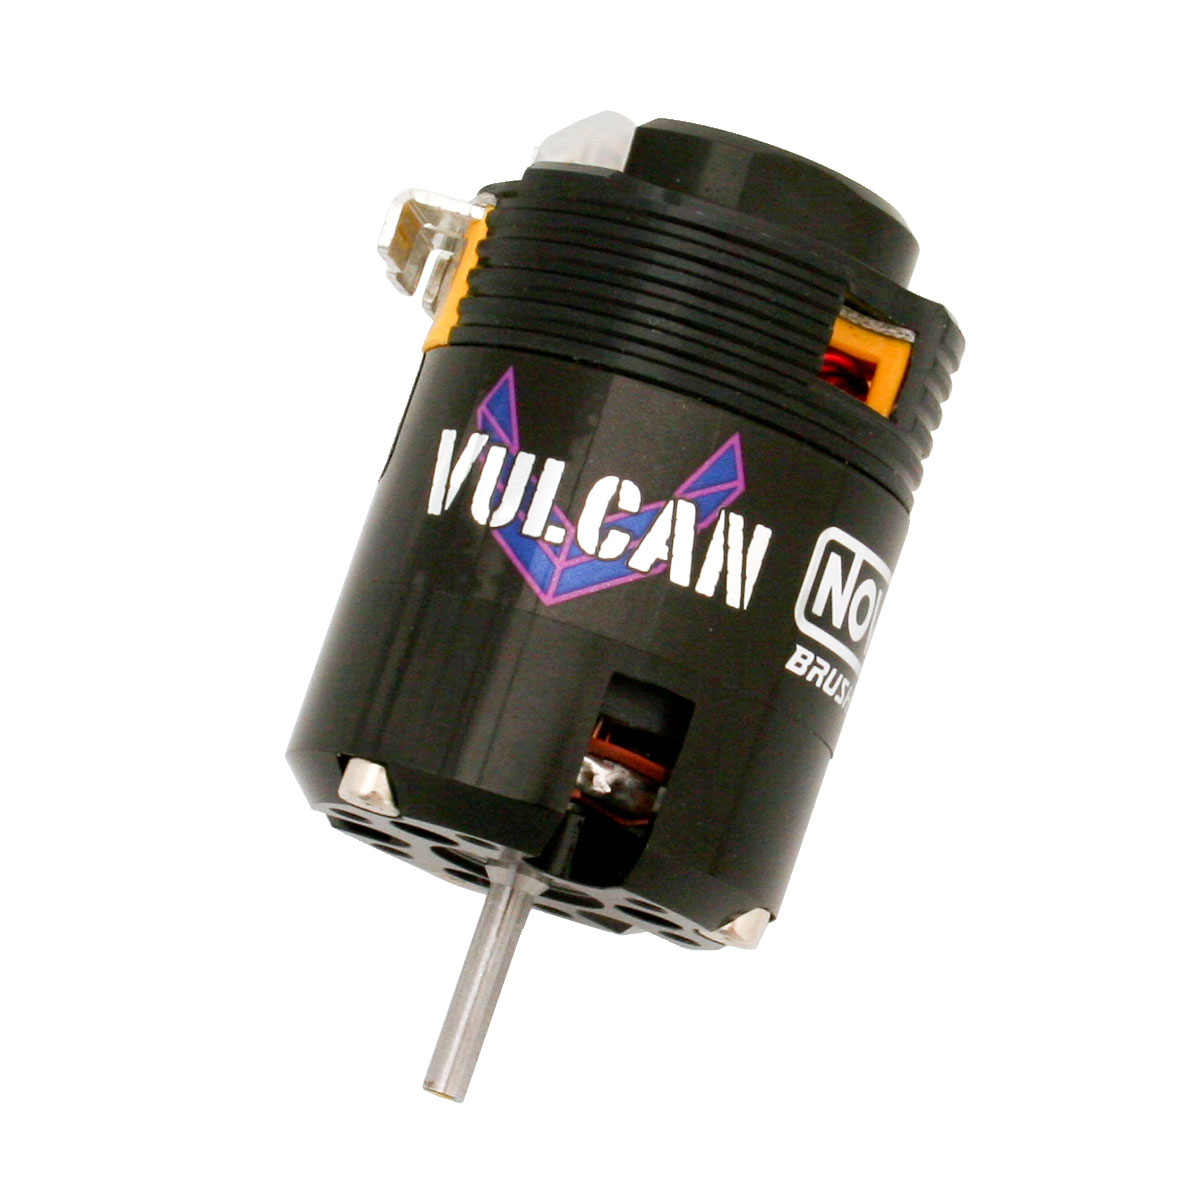 イーグル ノバック・バルカン・スペックBLモーター17.5T (センサー付) 品番NV3647